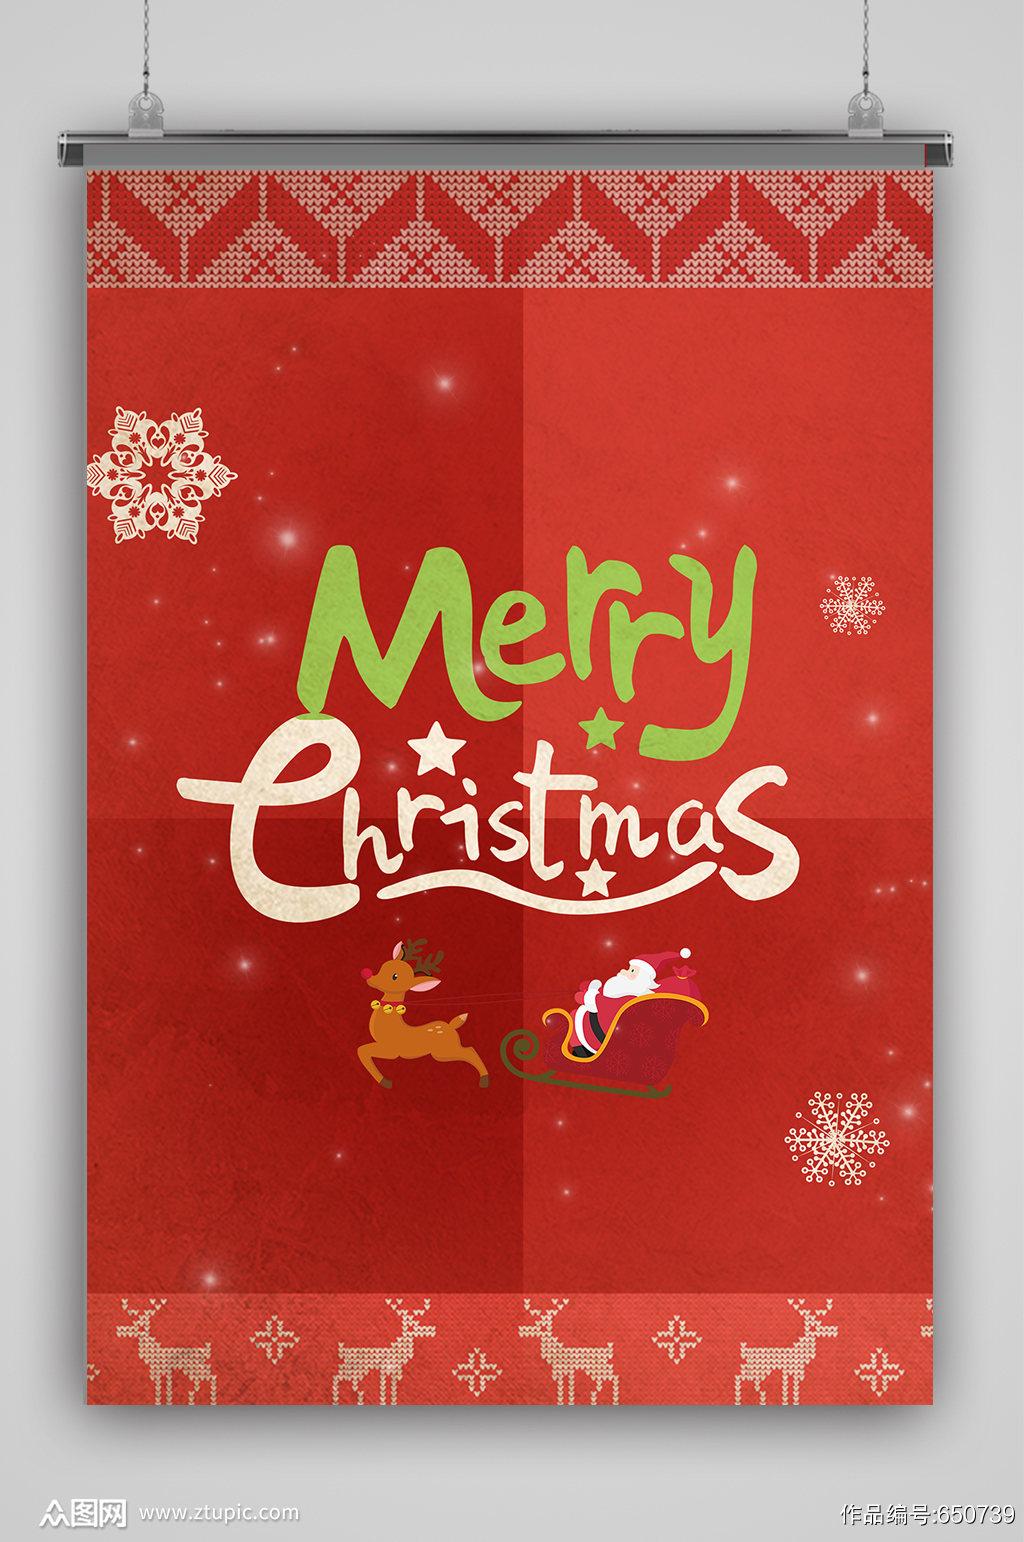 手绘卡通圣诞节海报背景素材